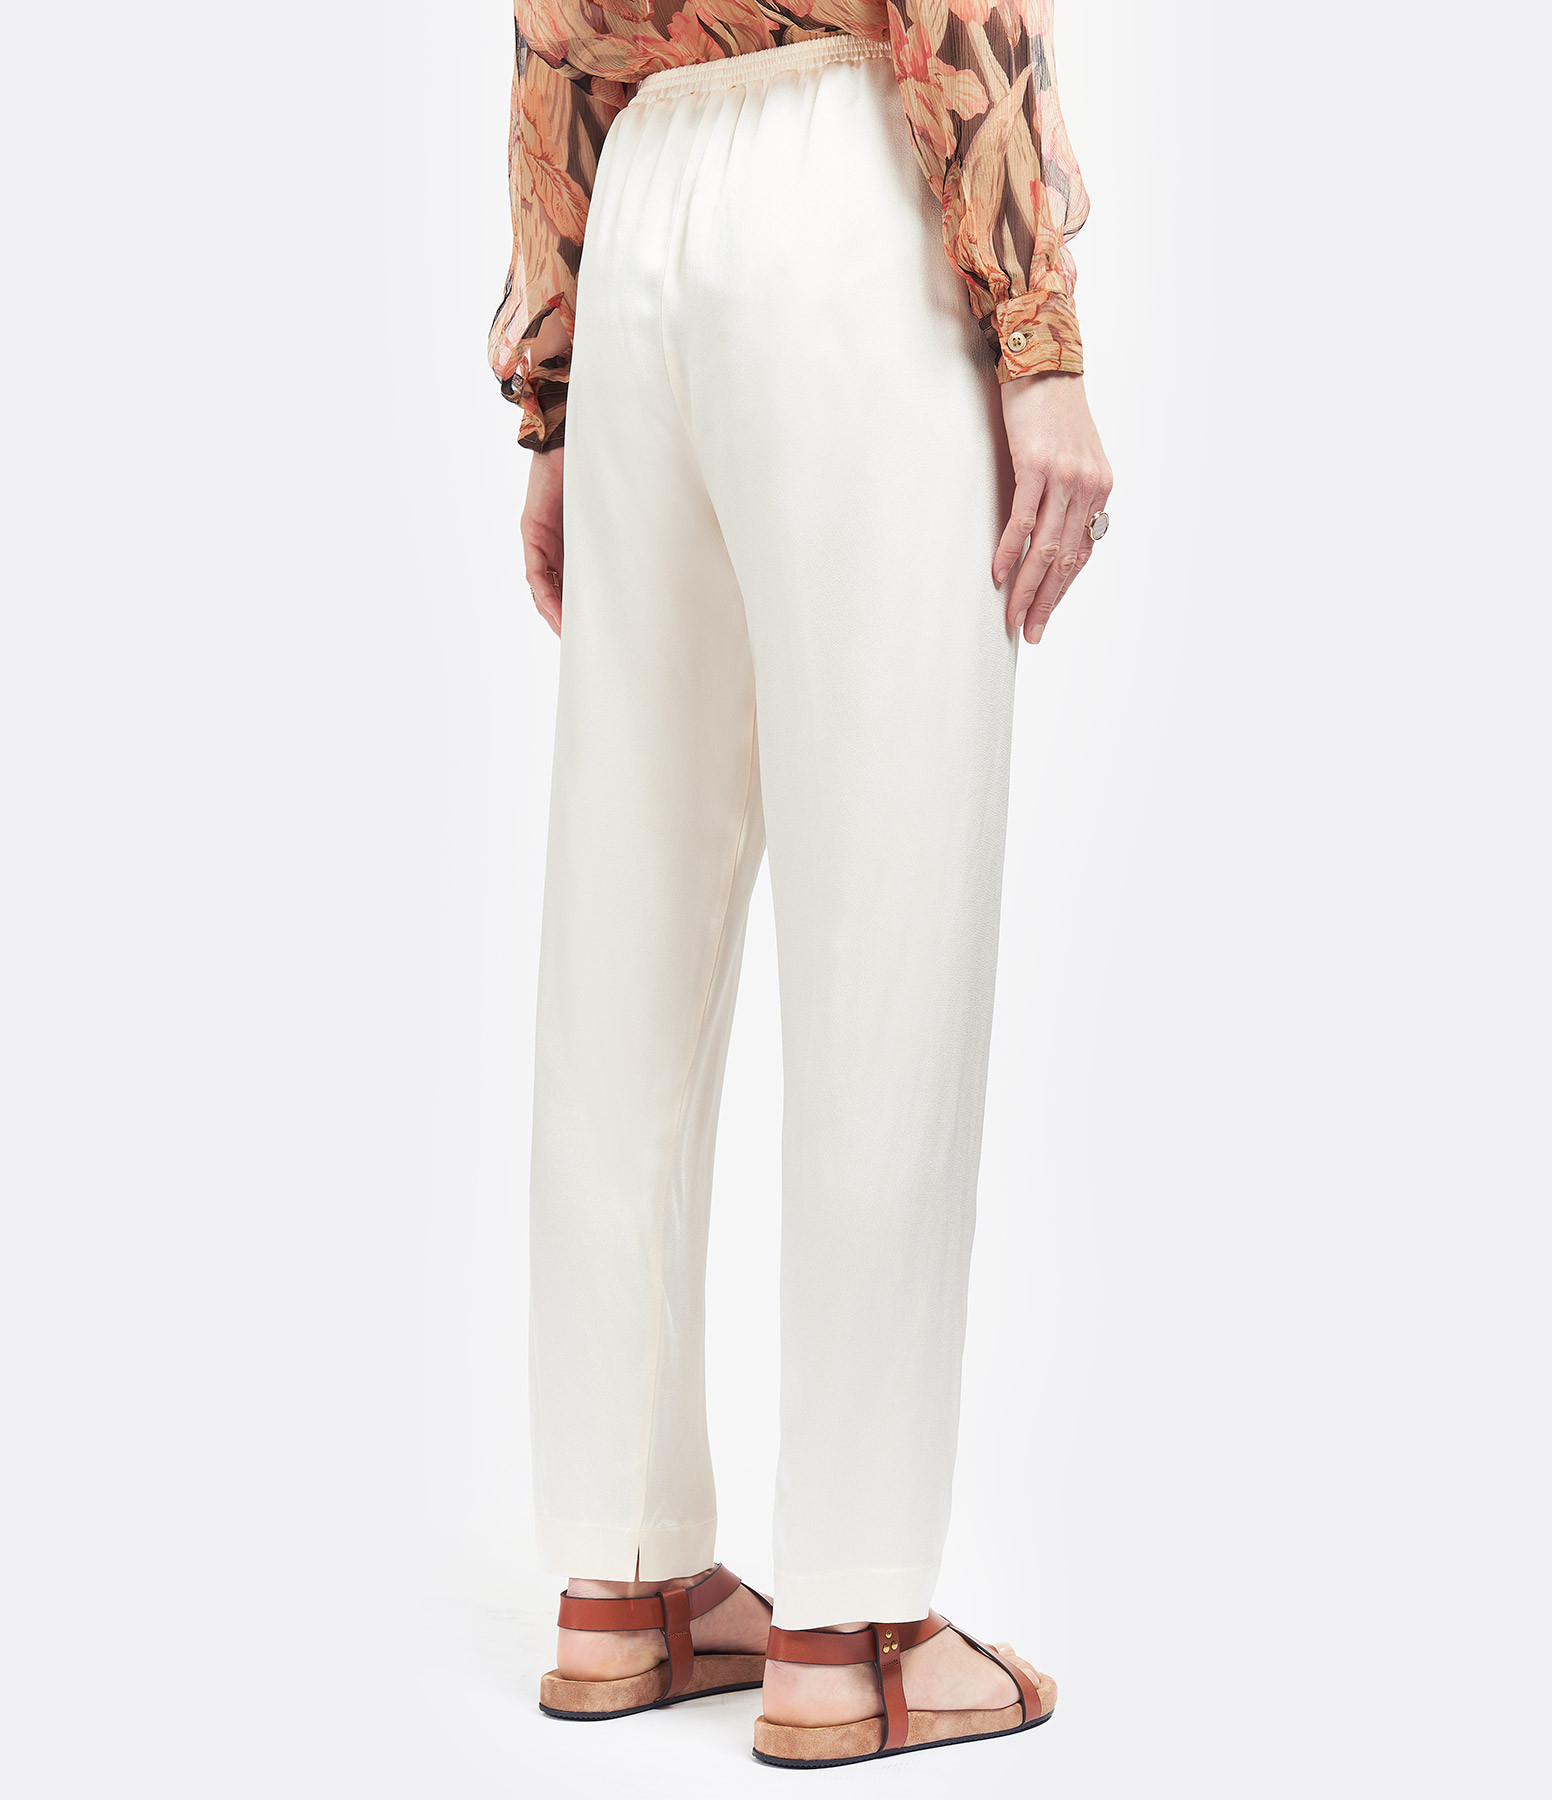 FORTE_FORTE - Pantalon Elastique Crèpe Satin Ivoire